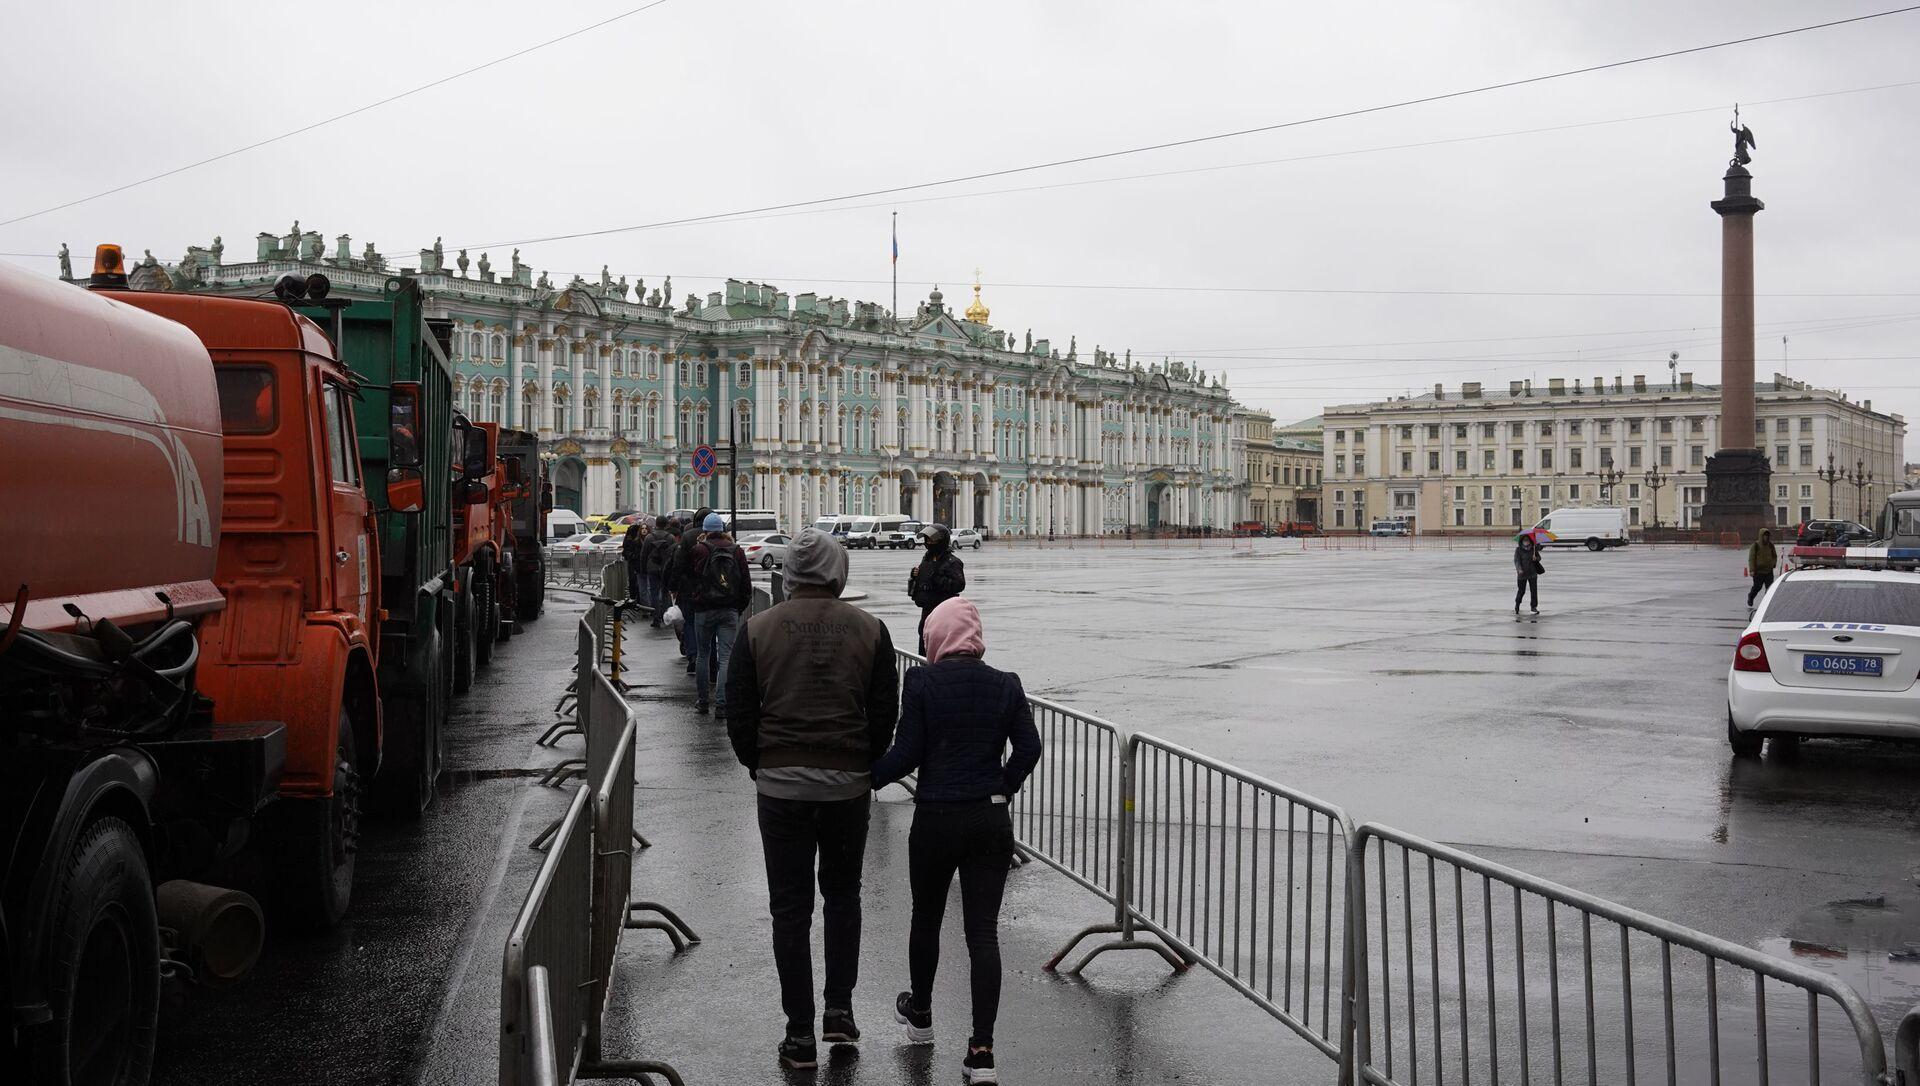 Nielegalne akcje protestacyjne w Petersburgu, 21.04.2021 - Sputnik Polska, 1920, 21.04.2021